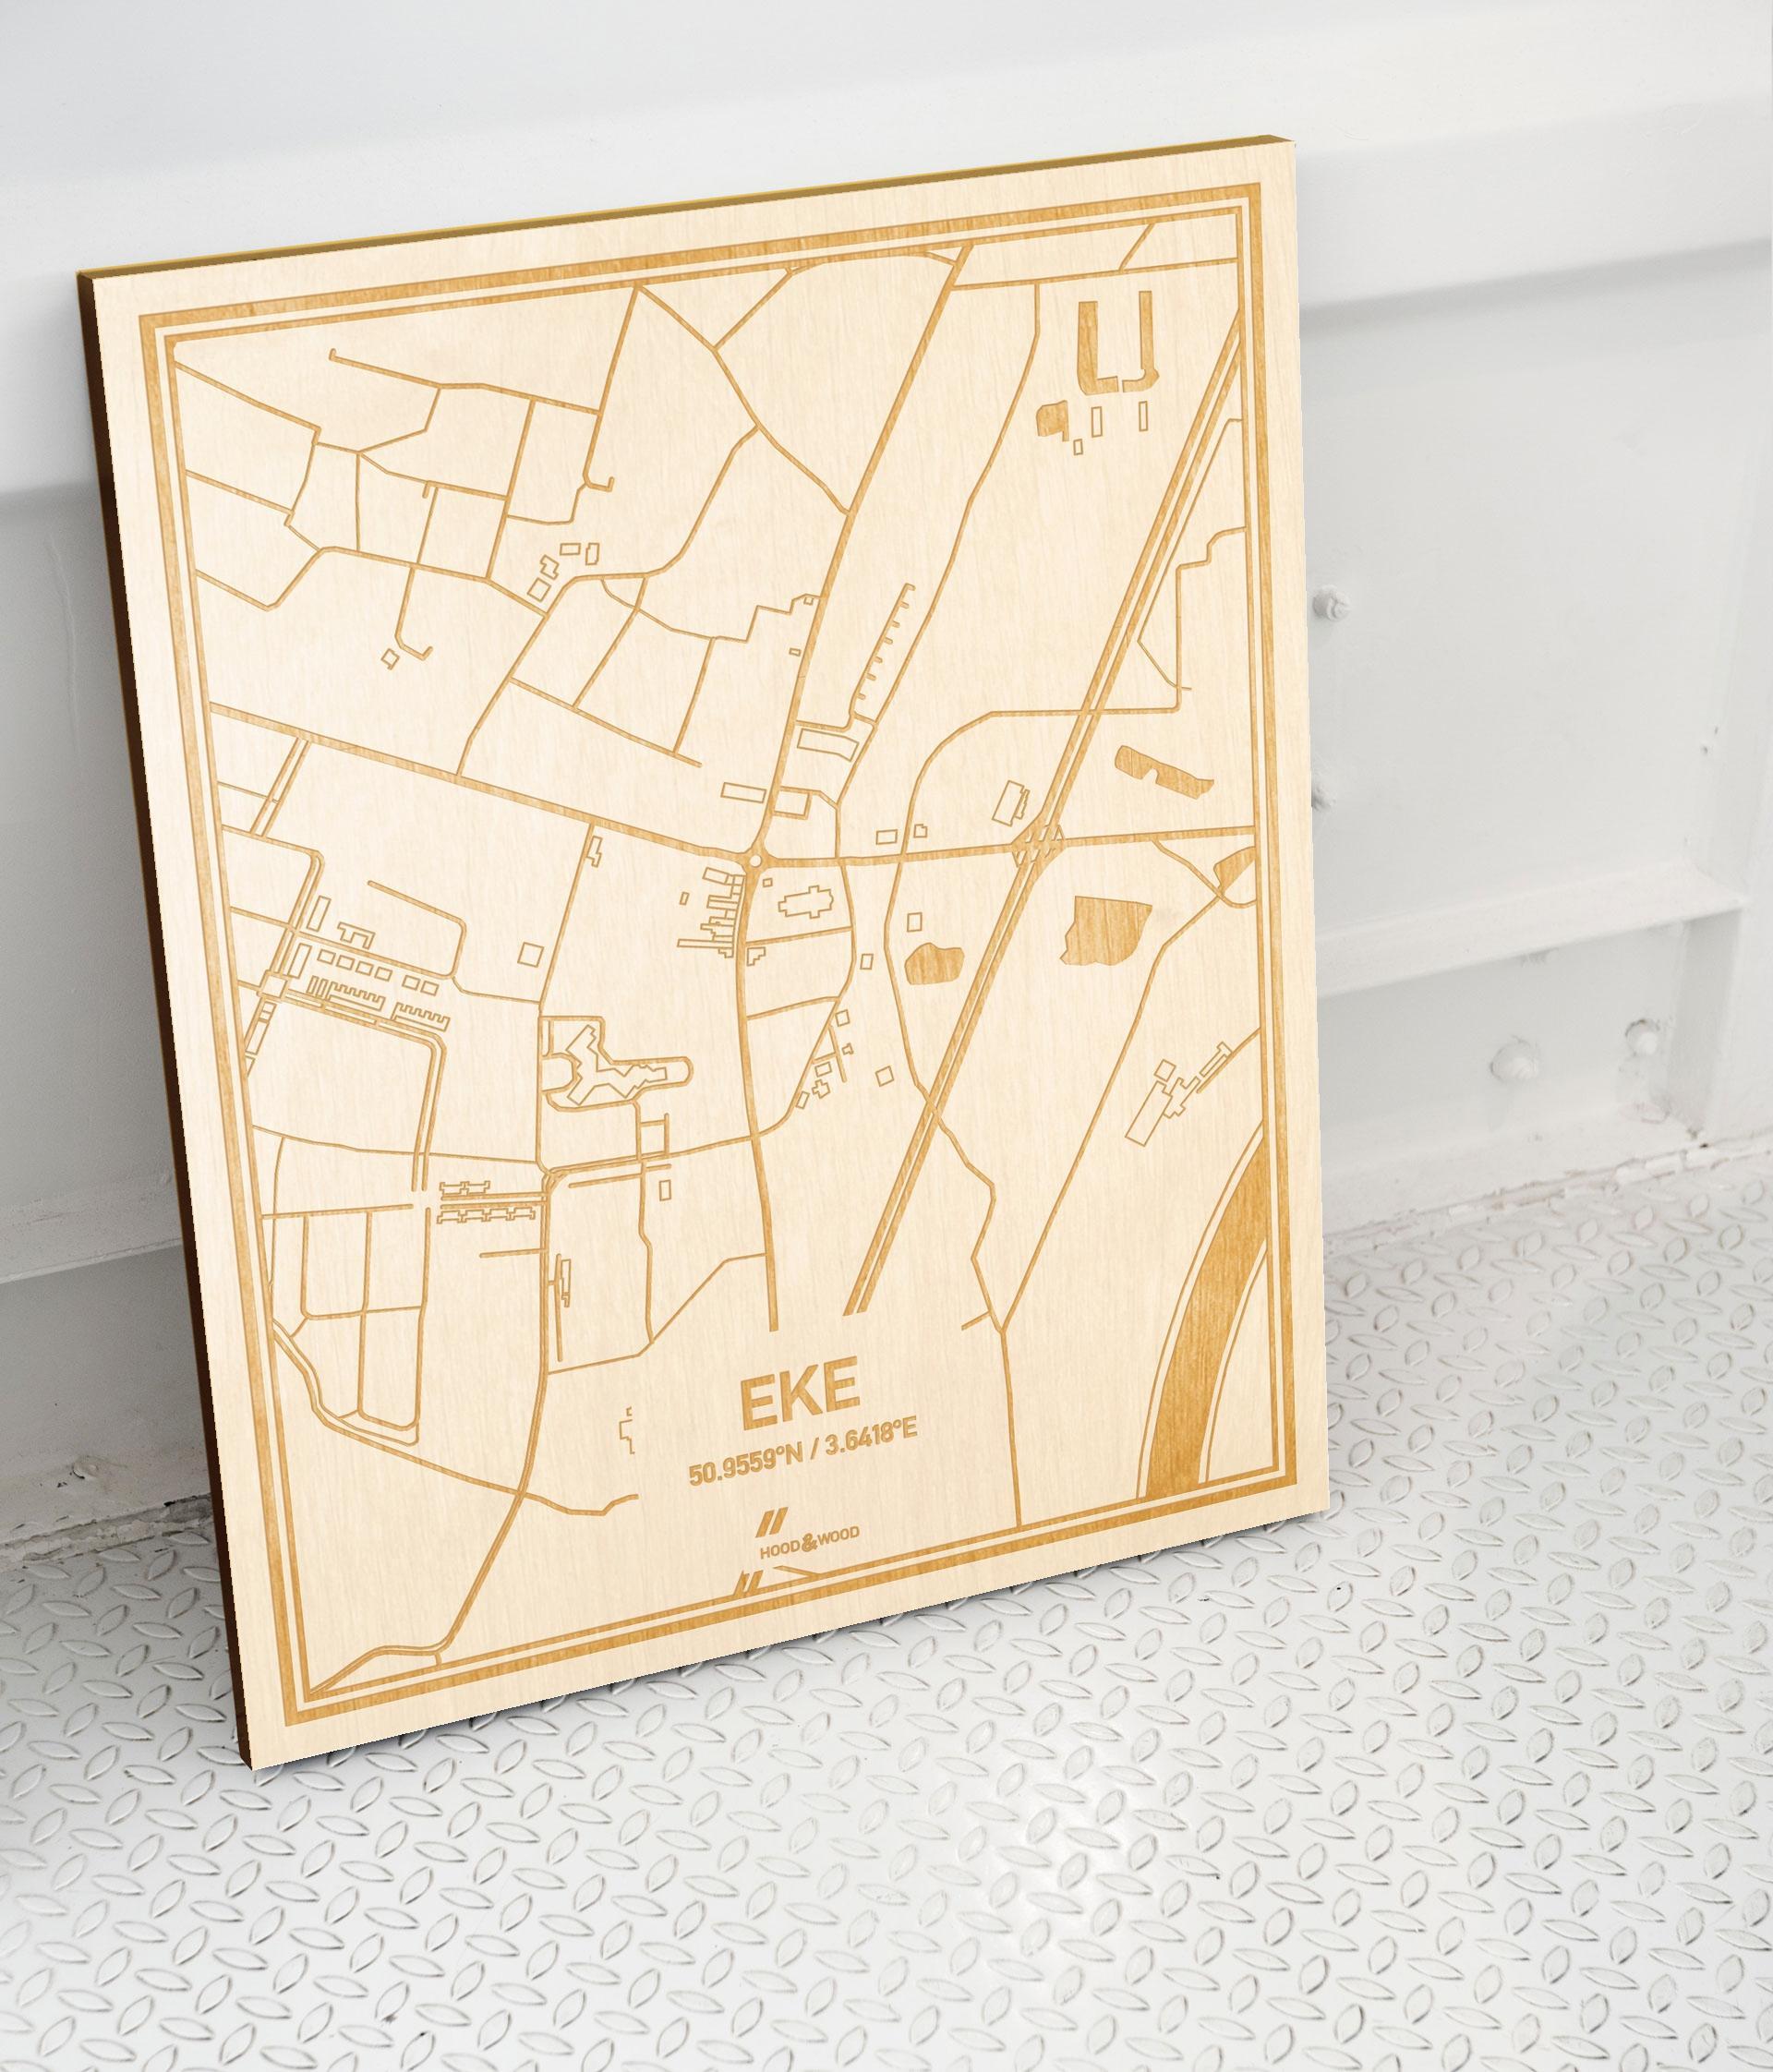 Plattegrond Eke als prachtige houten wanddecoratie. Het warme hout contrasteert mooi met de witte muur.